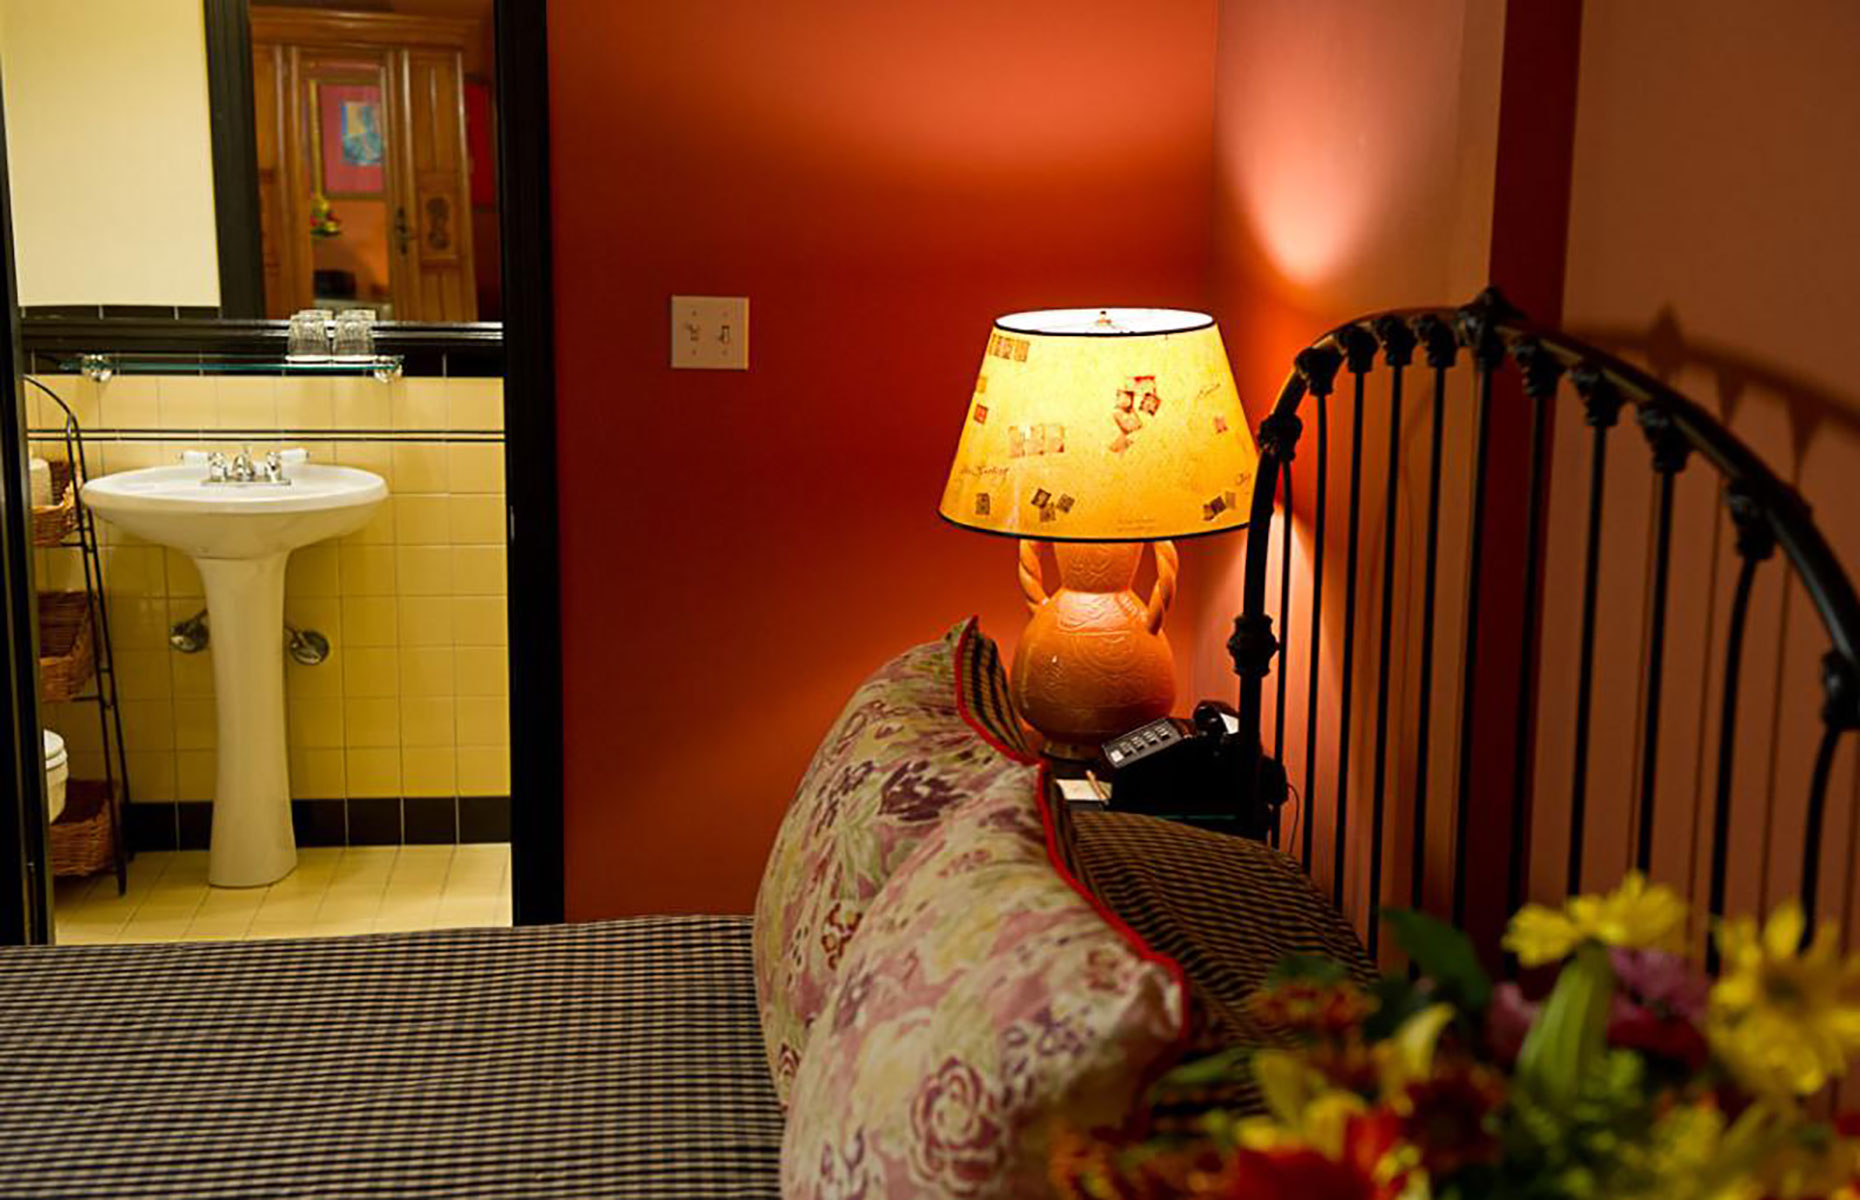 Hotel Bohème (Image: booking.com)